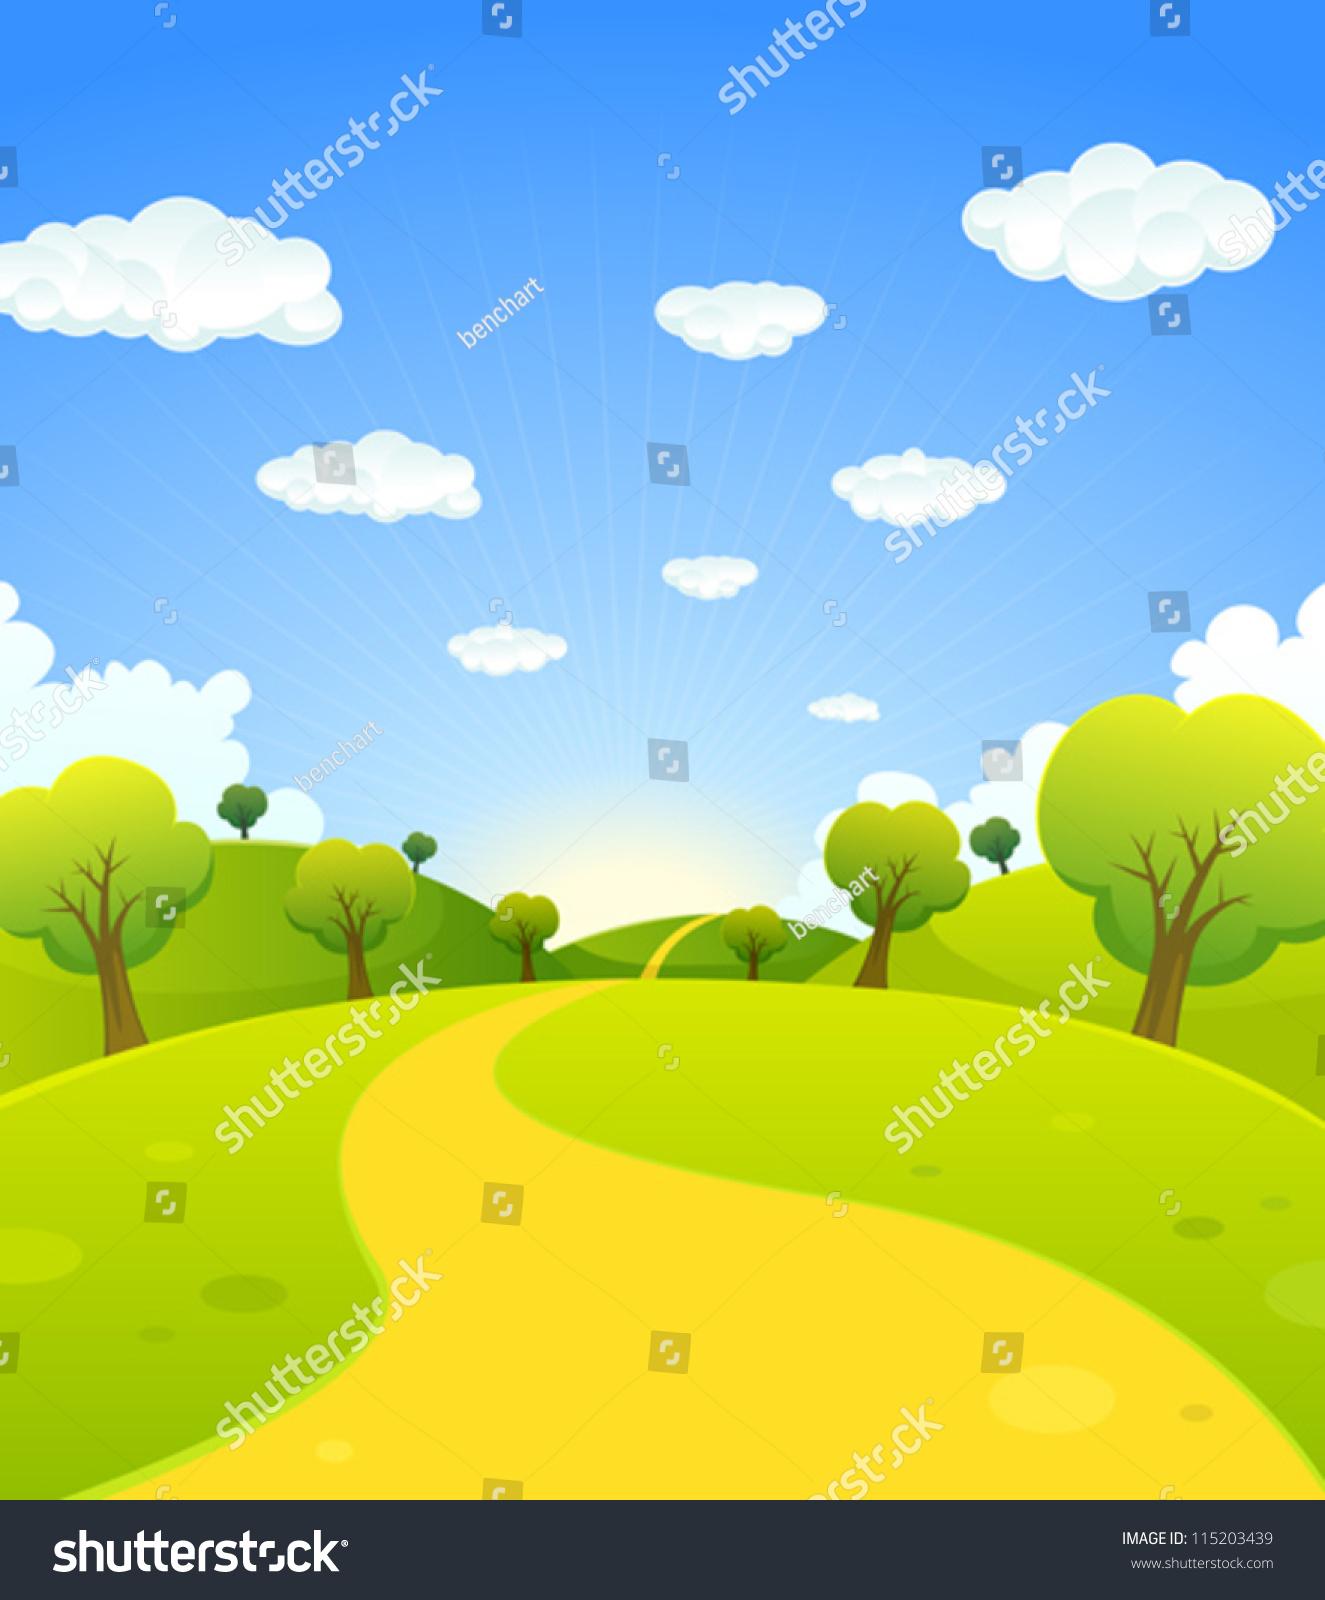 Landscape Illustration Vector Free: Spring Or Summer Cartoon Landscape/ Illustration Of A